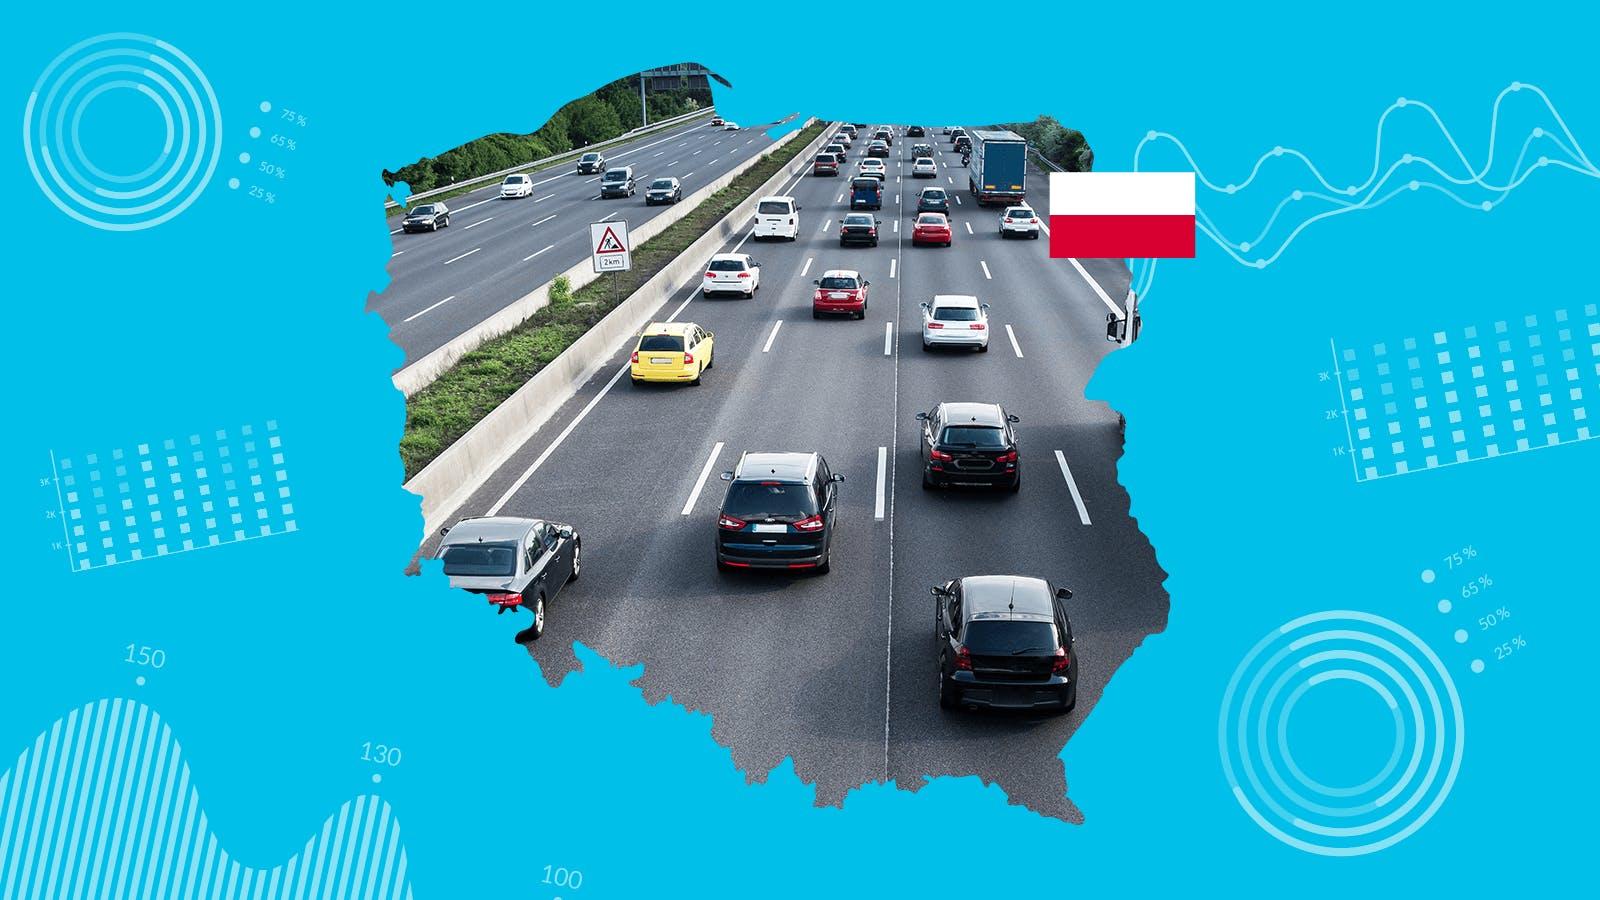 Samochody używane w Polsce: więcej niż jedna trzecia zostało uszkodzonych, a przebieg wielu został sfałszowany o dziesiątki tysięcy kilometrów